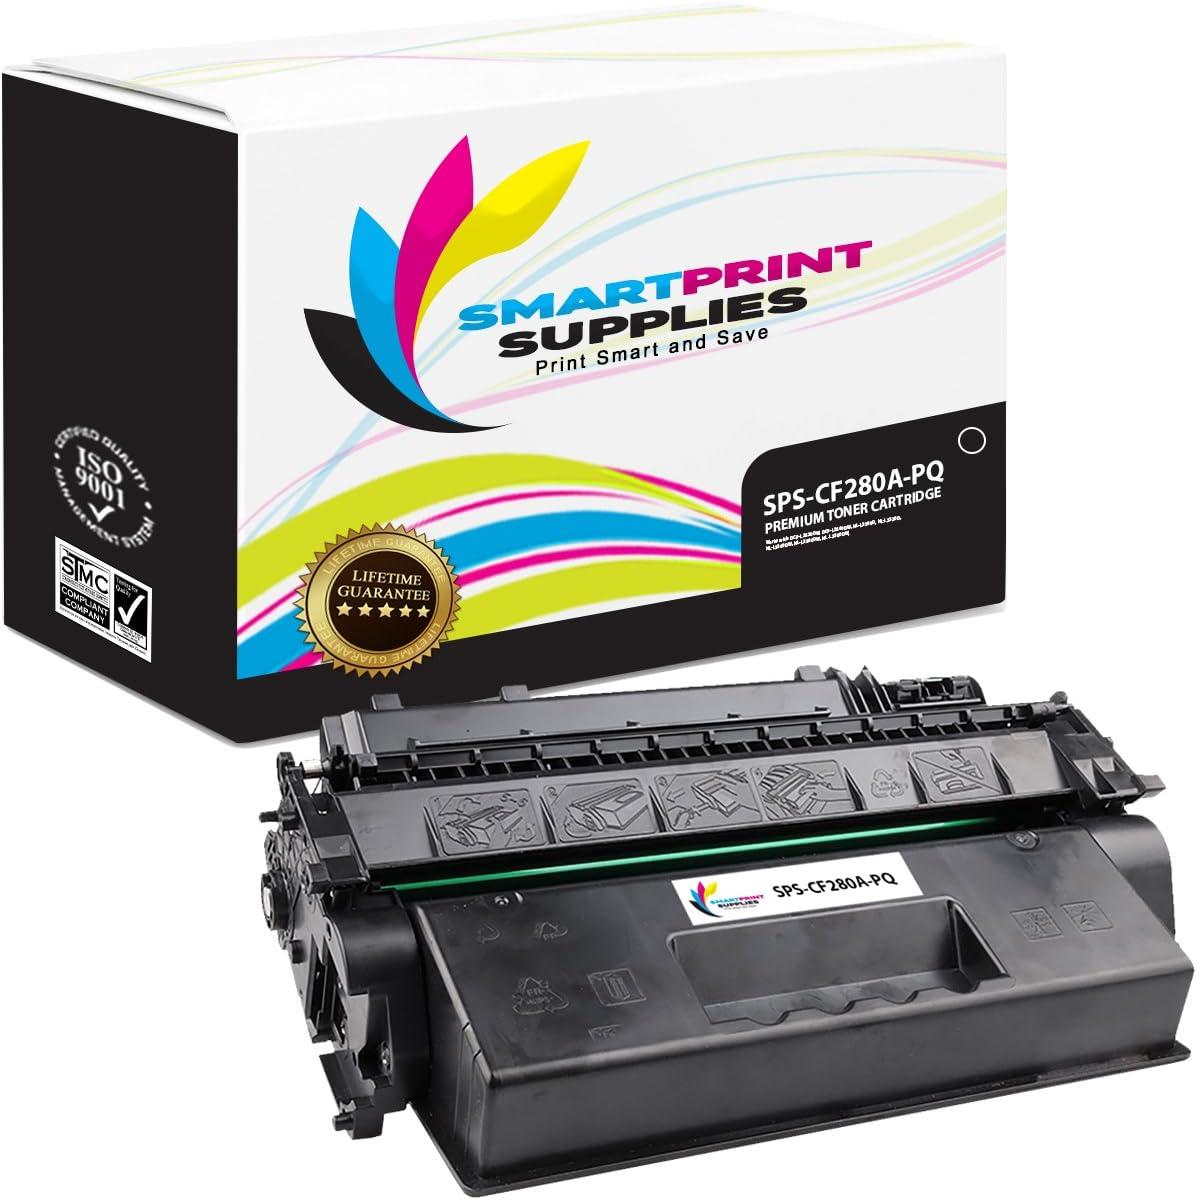 Smart Print Supplies Compatible 80A CF280A Black Premium Toner Cartridge Replacement for HP Laserjet Pro 400 M401 M425 Printers (2,700 Pages)